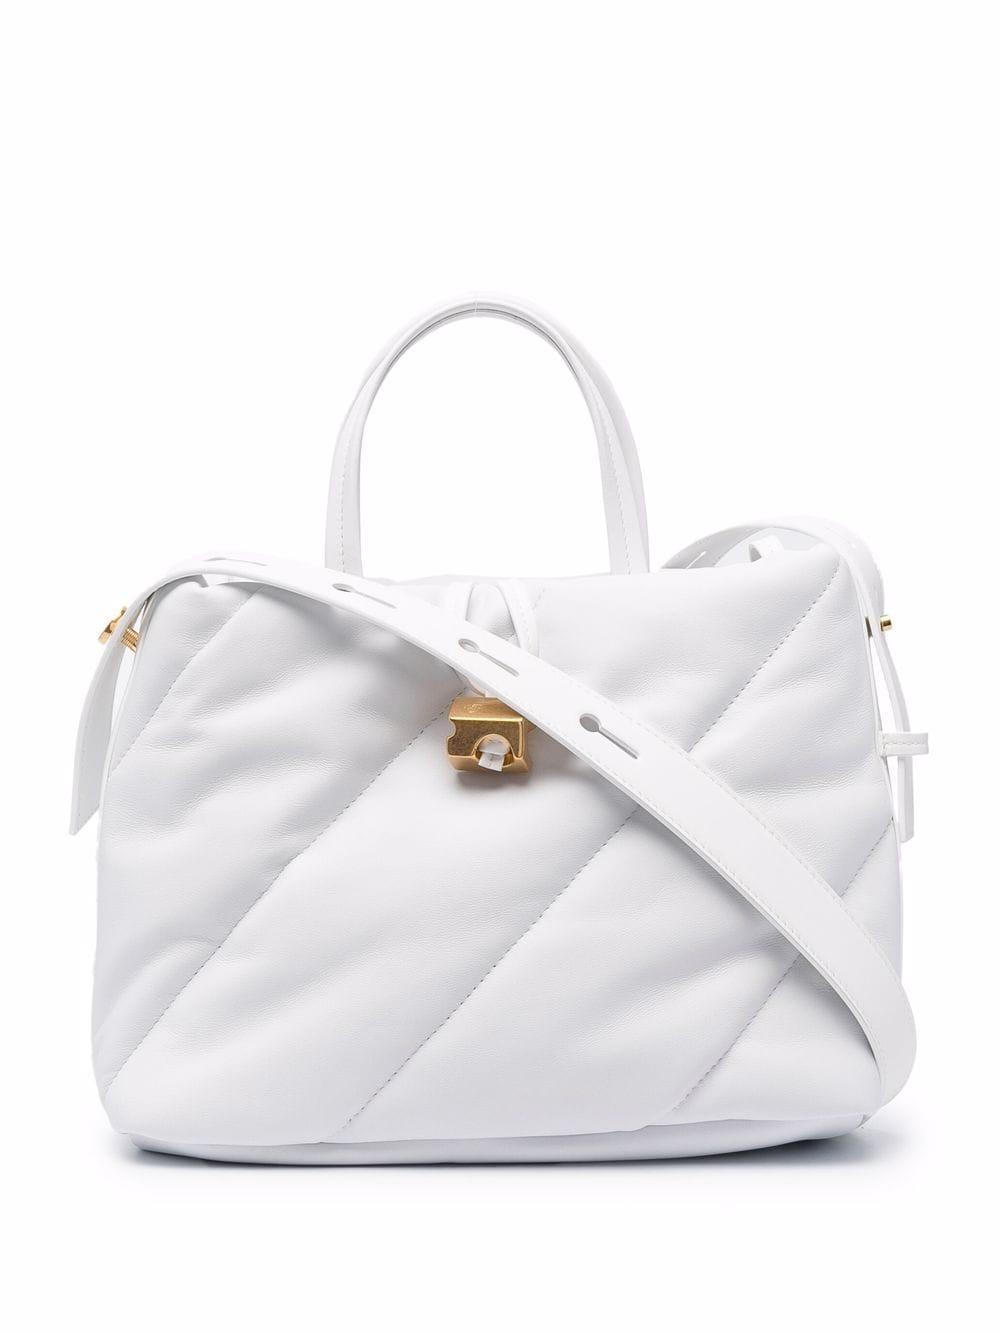 Off-White Nailed Handtasche - Weiß